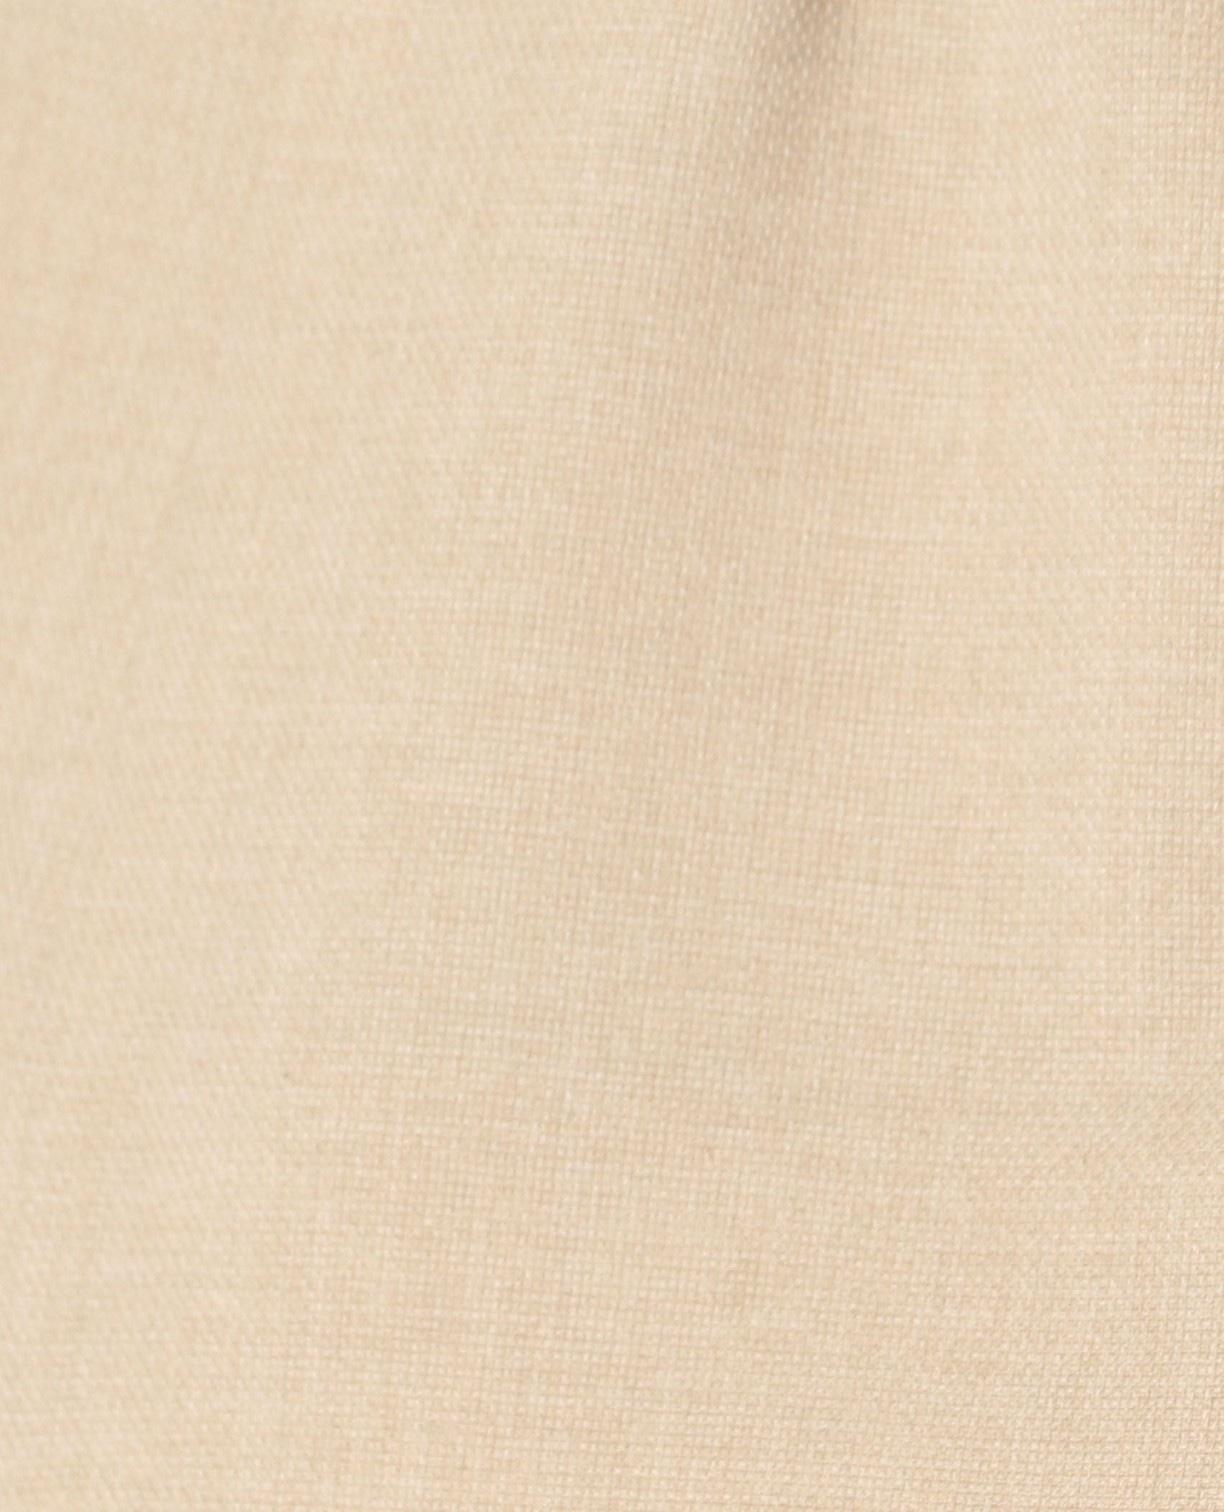 《セットアップスーツ対応》リボン付クルージャケット【2020年4月フジテレビ月9『SUITS 2』新木優子様着用】